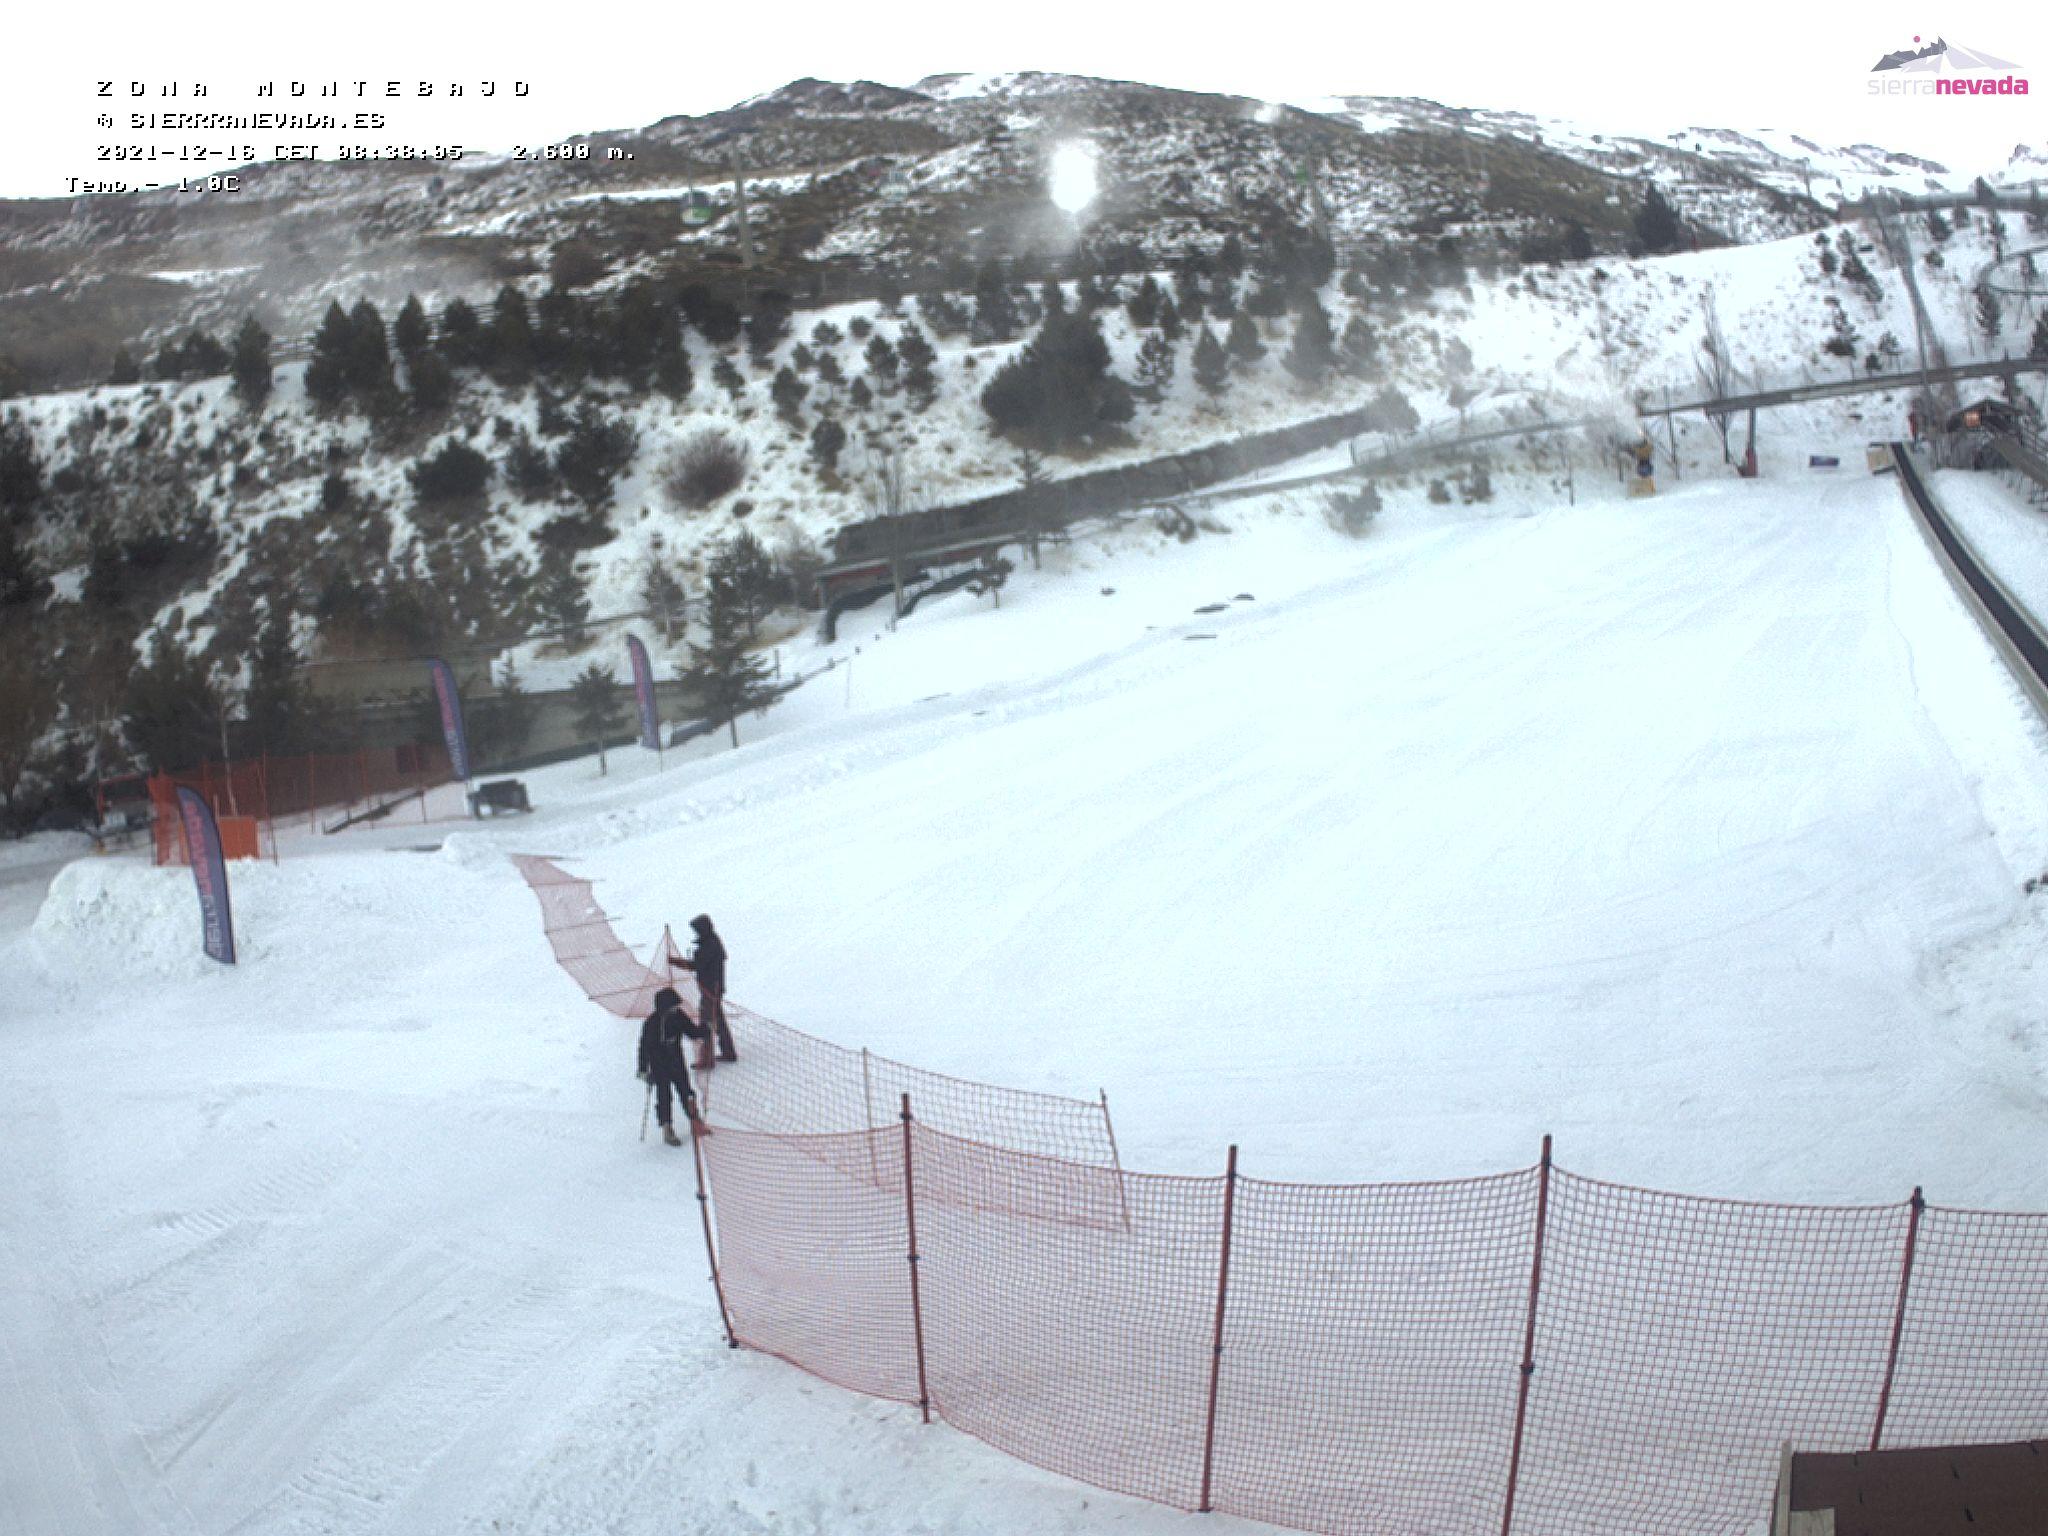 LIVE Webcam in Montebajo - Sierra Nevada - Granada